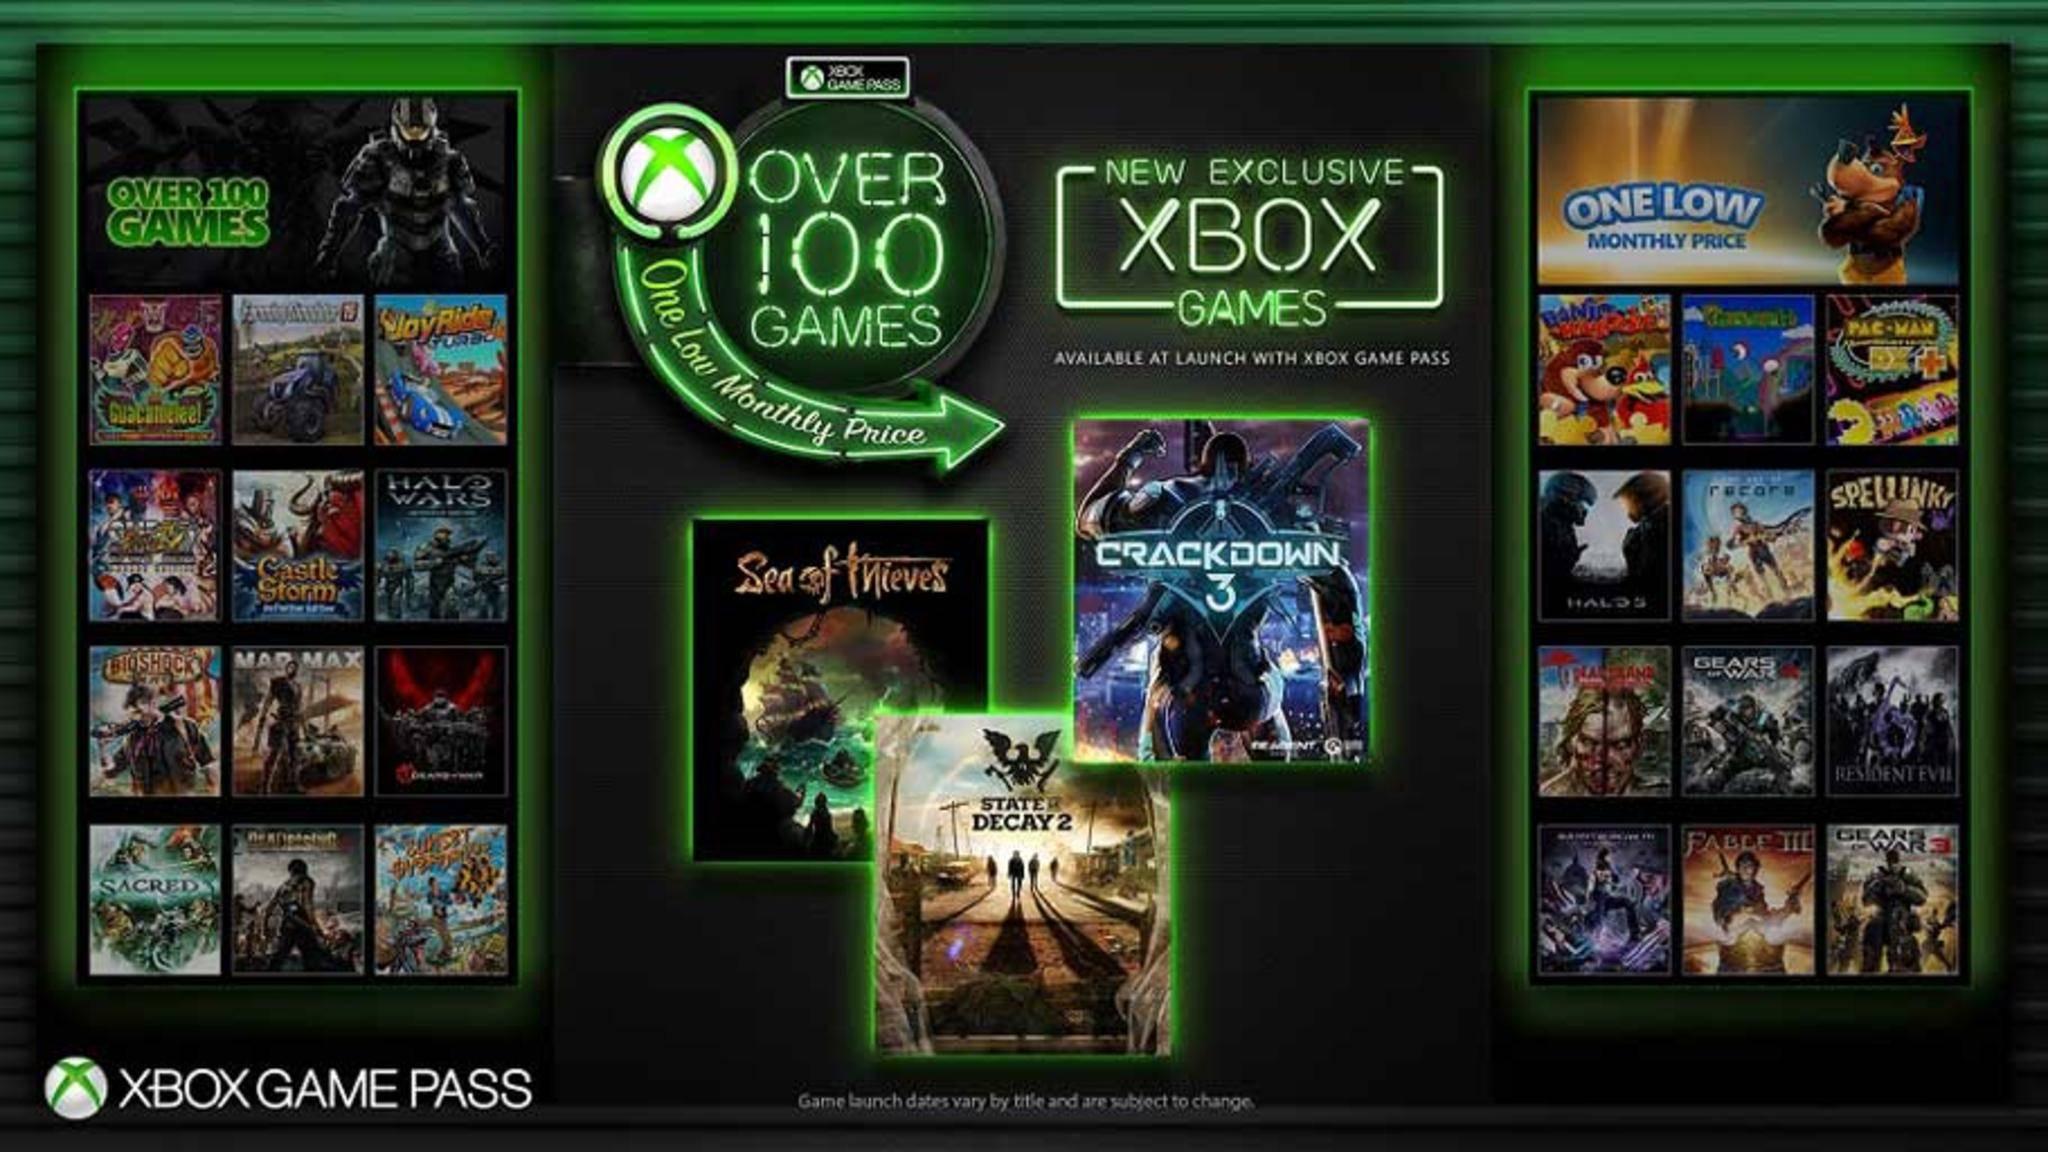 Xbox Game Pass: Zu über 100 Games aus dem bisherigen Katalog gesellen sich nun auch neue Exklusivspiele.